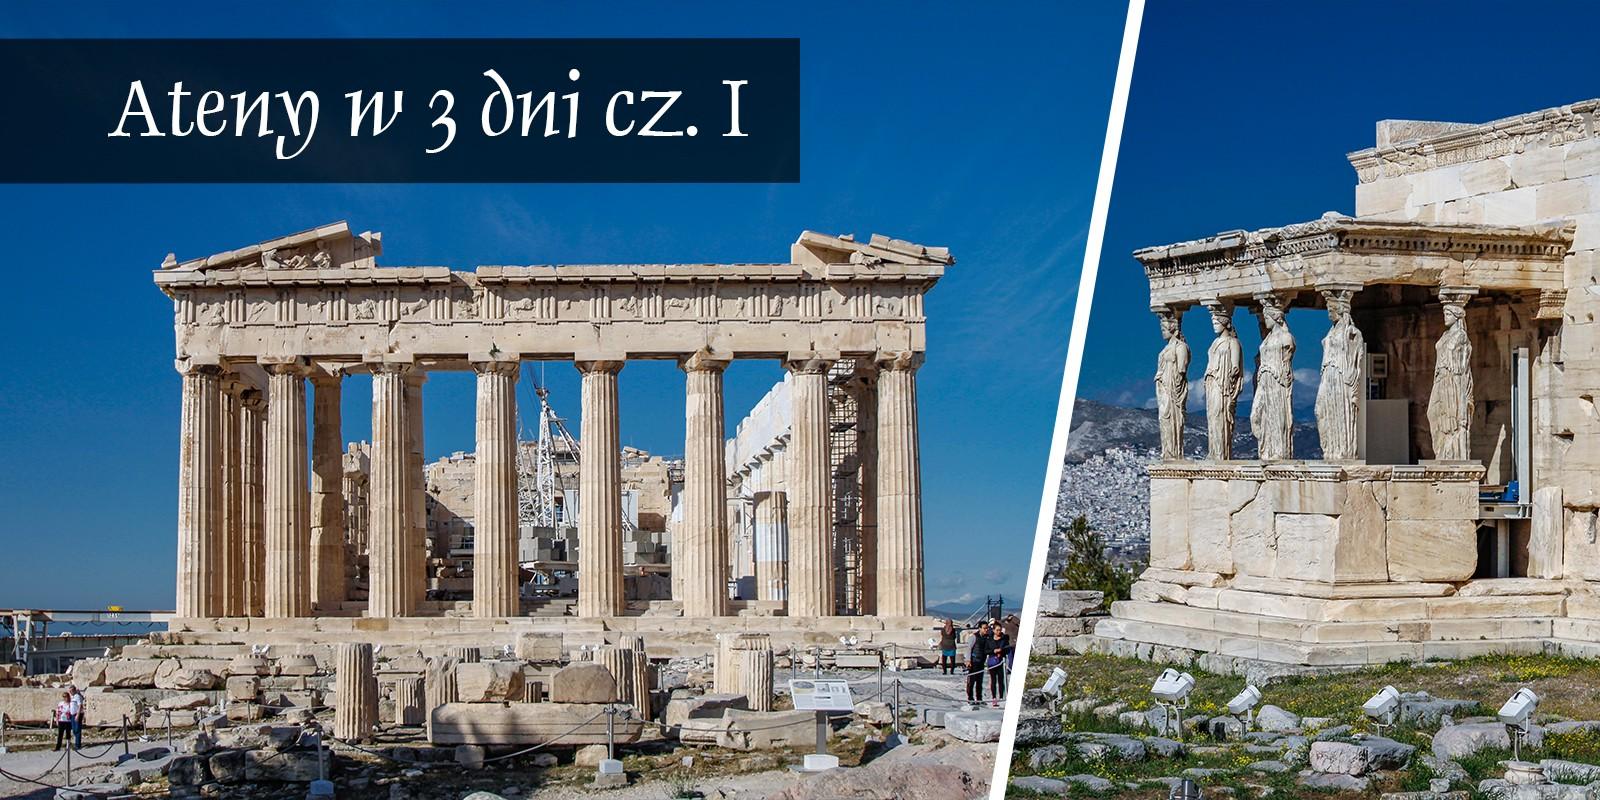 Ateny Atrakcje Zwiedzanie Loty Tanie Linie co Zobaczyć Akropol Muzeum Muzea